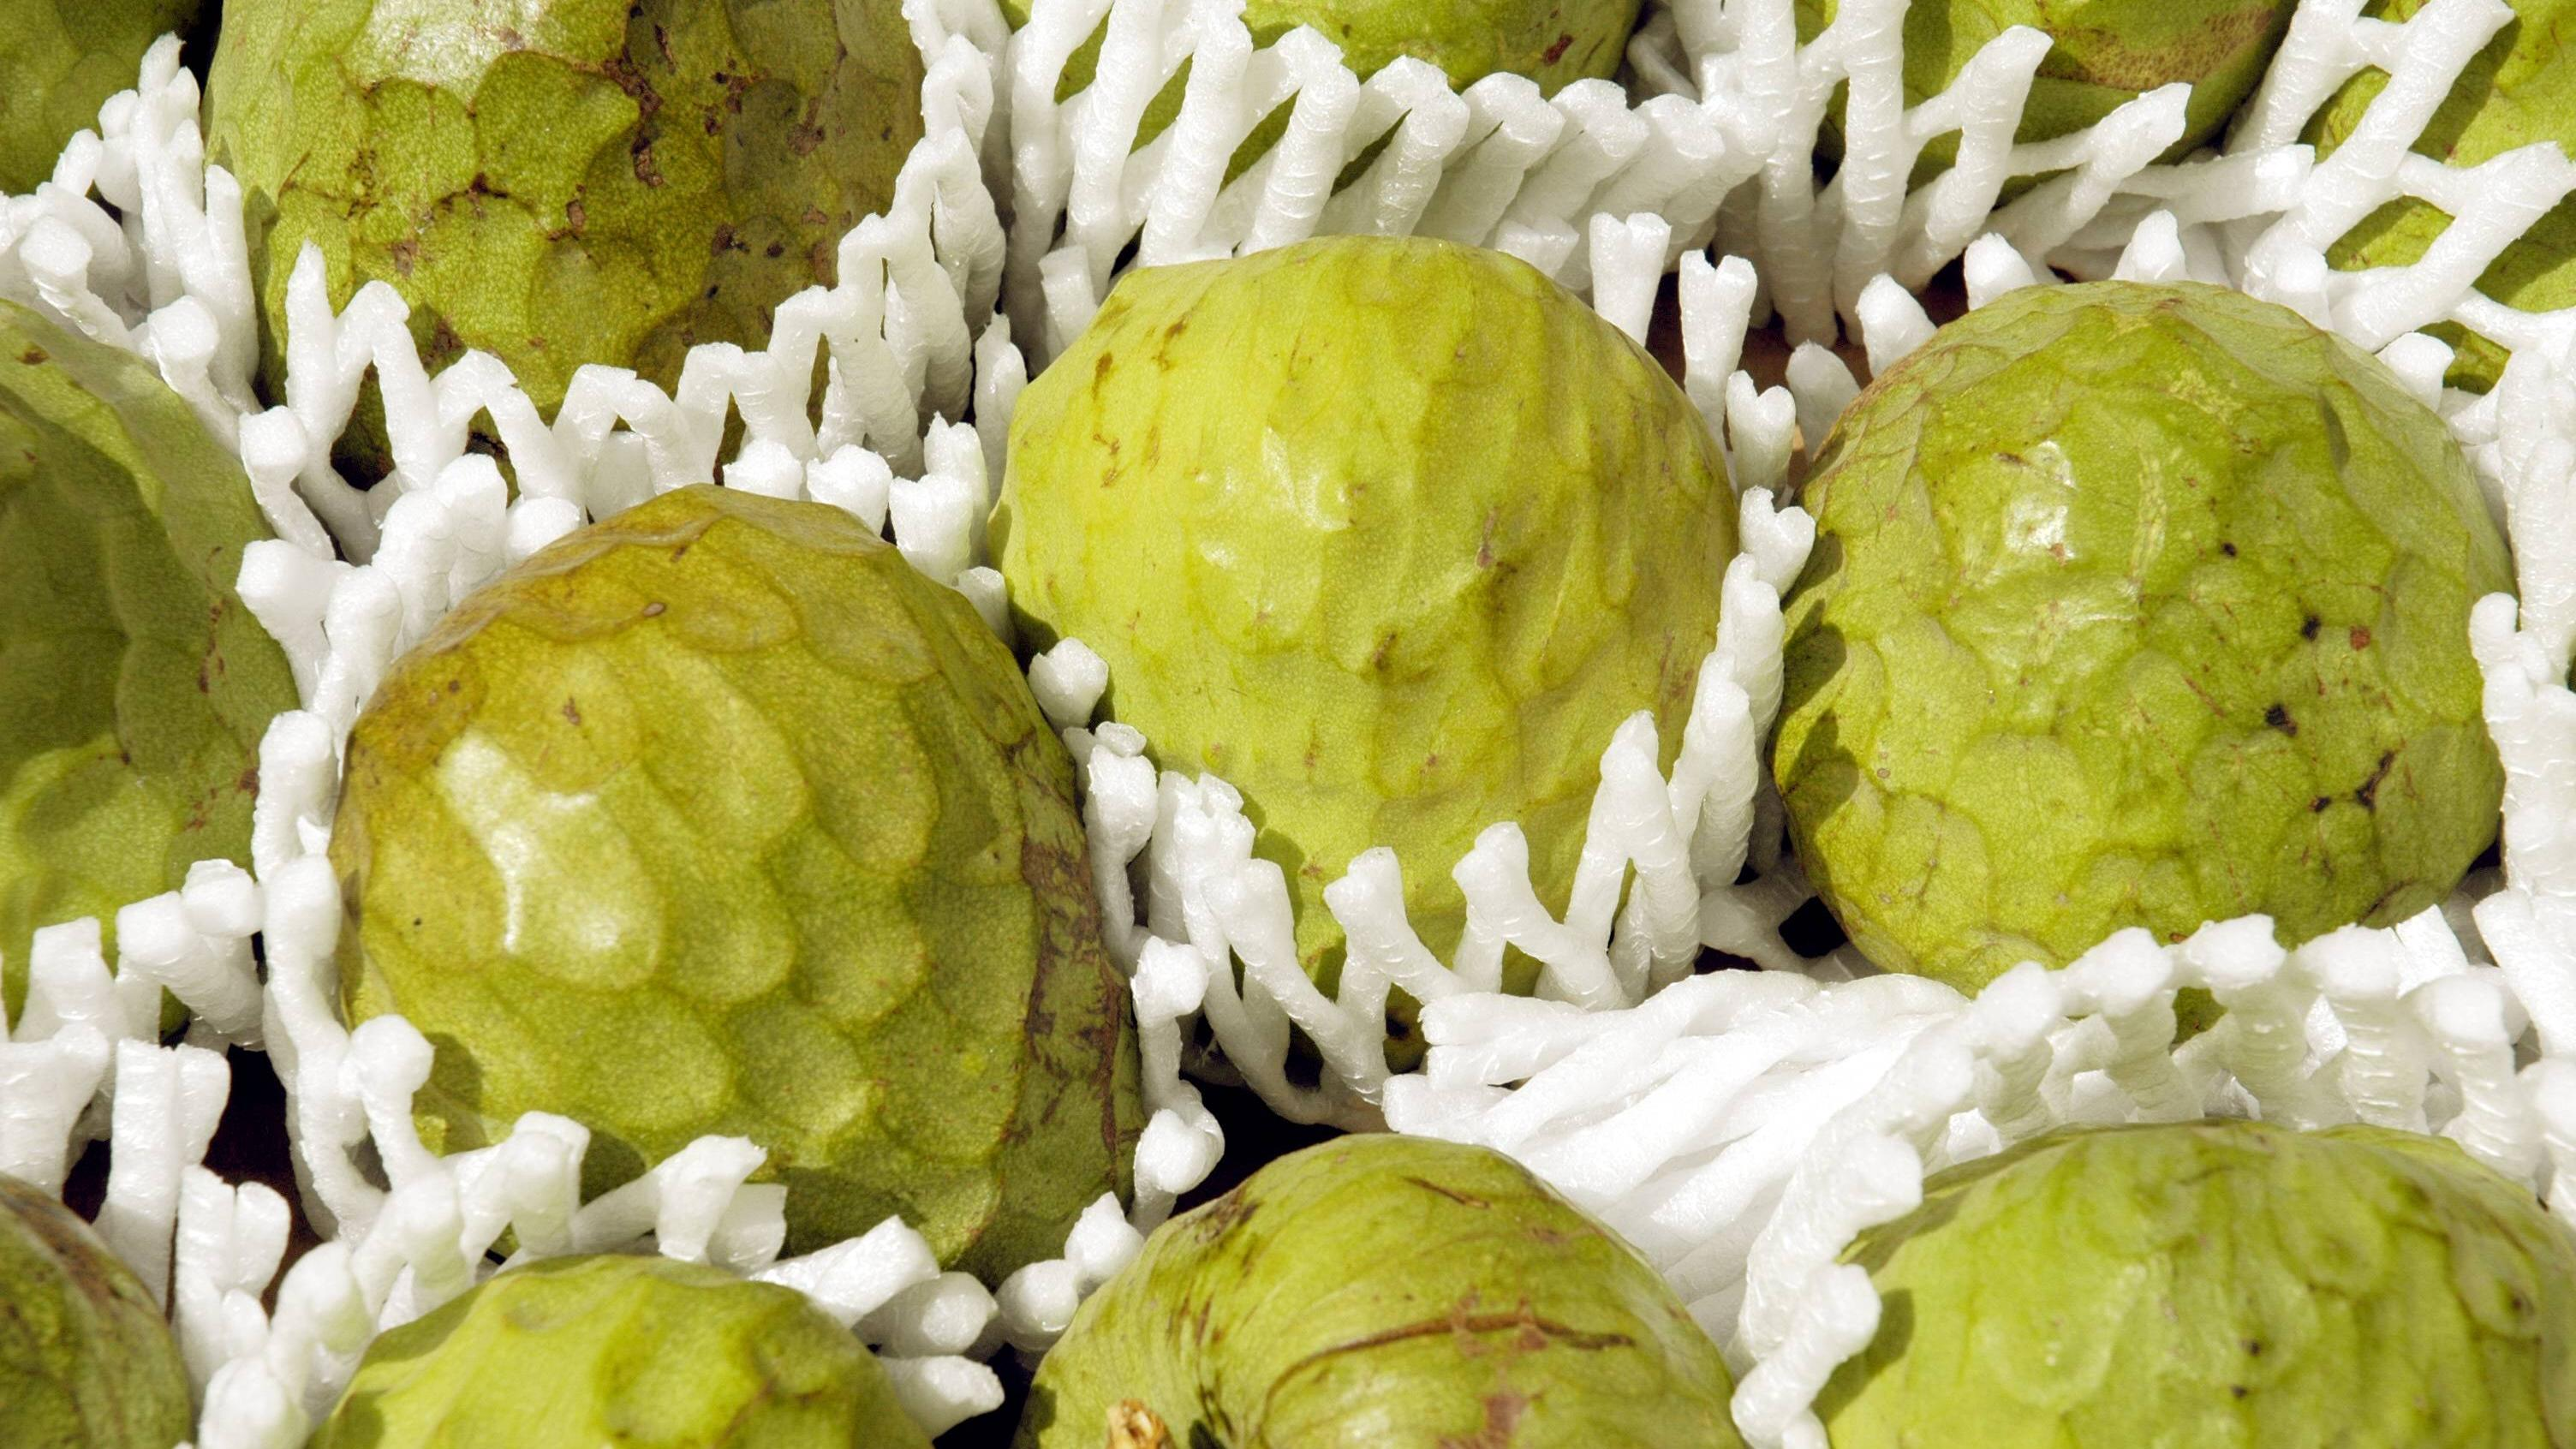 Cherimoya essen - Die besten Tipps und Tricks